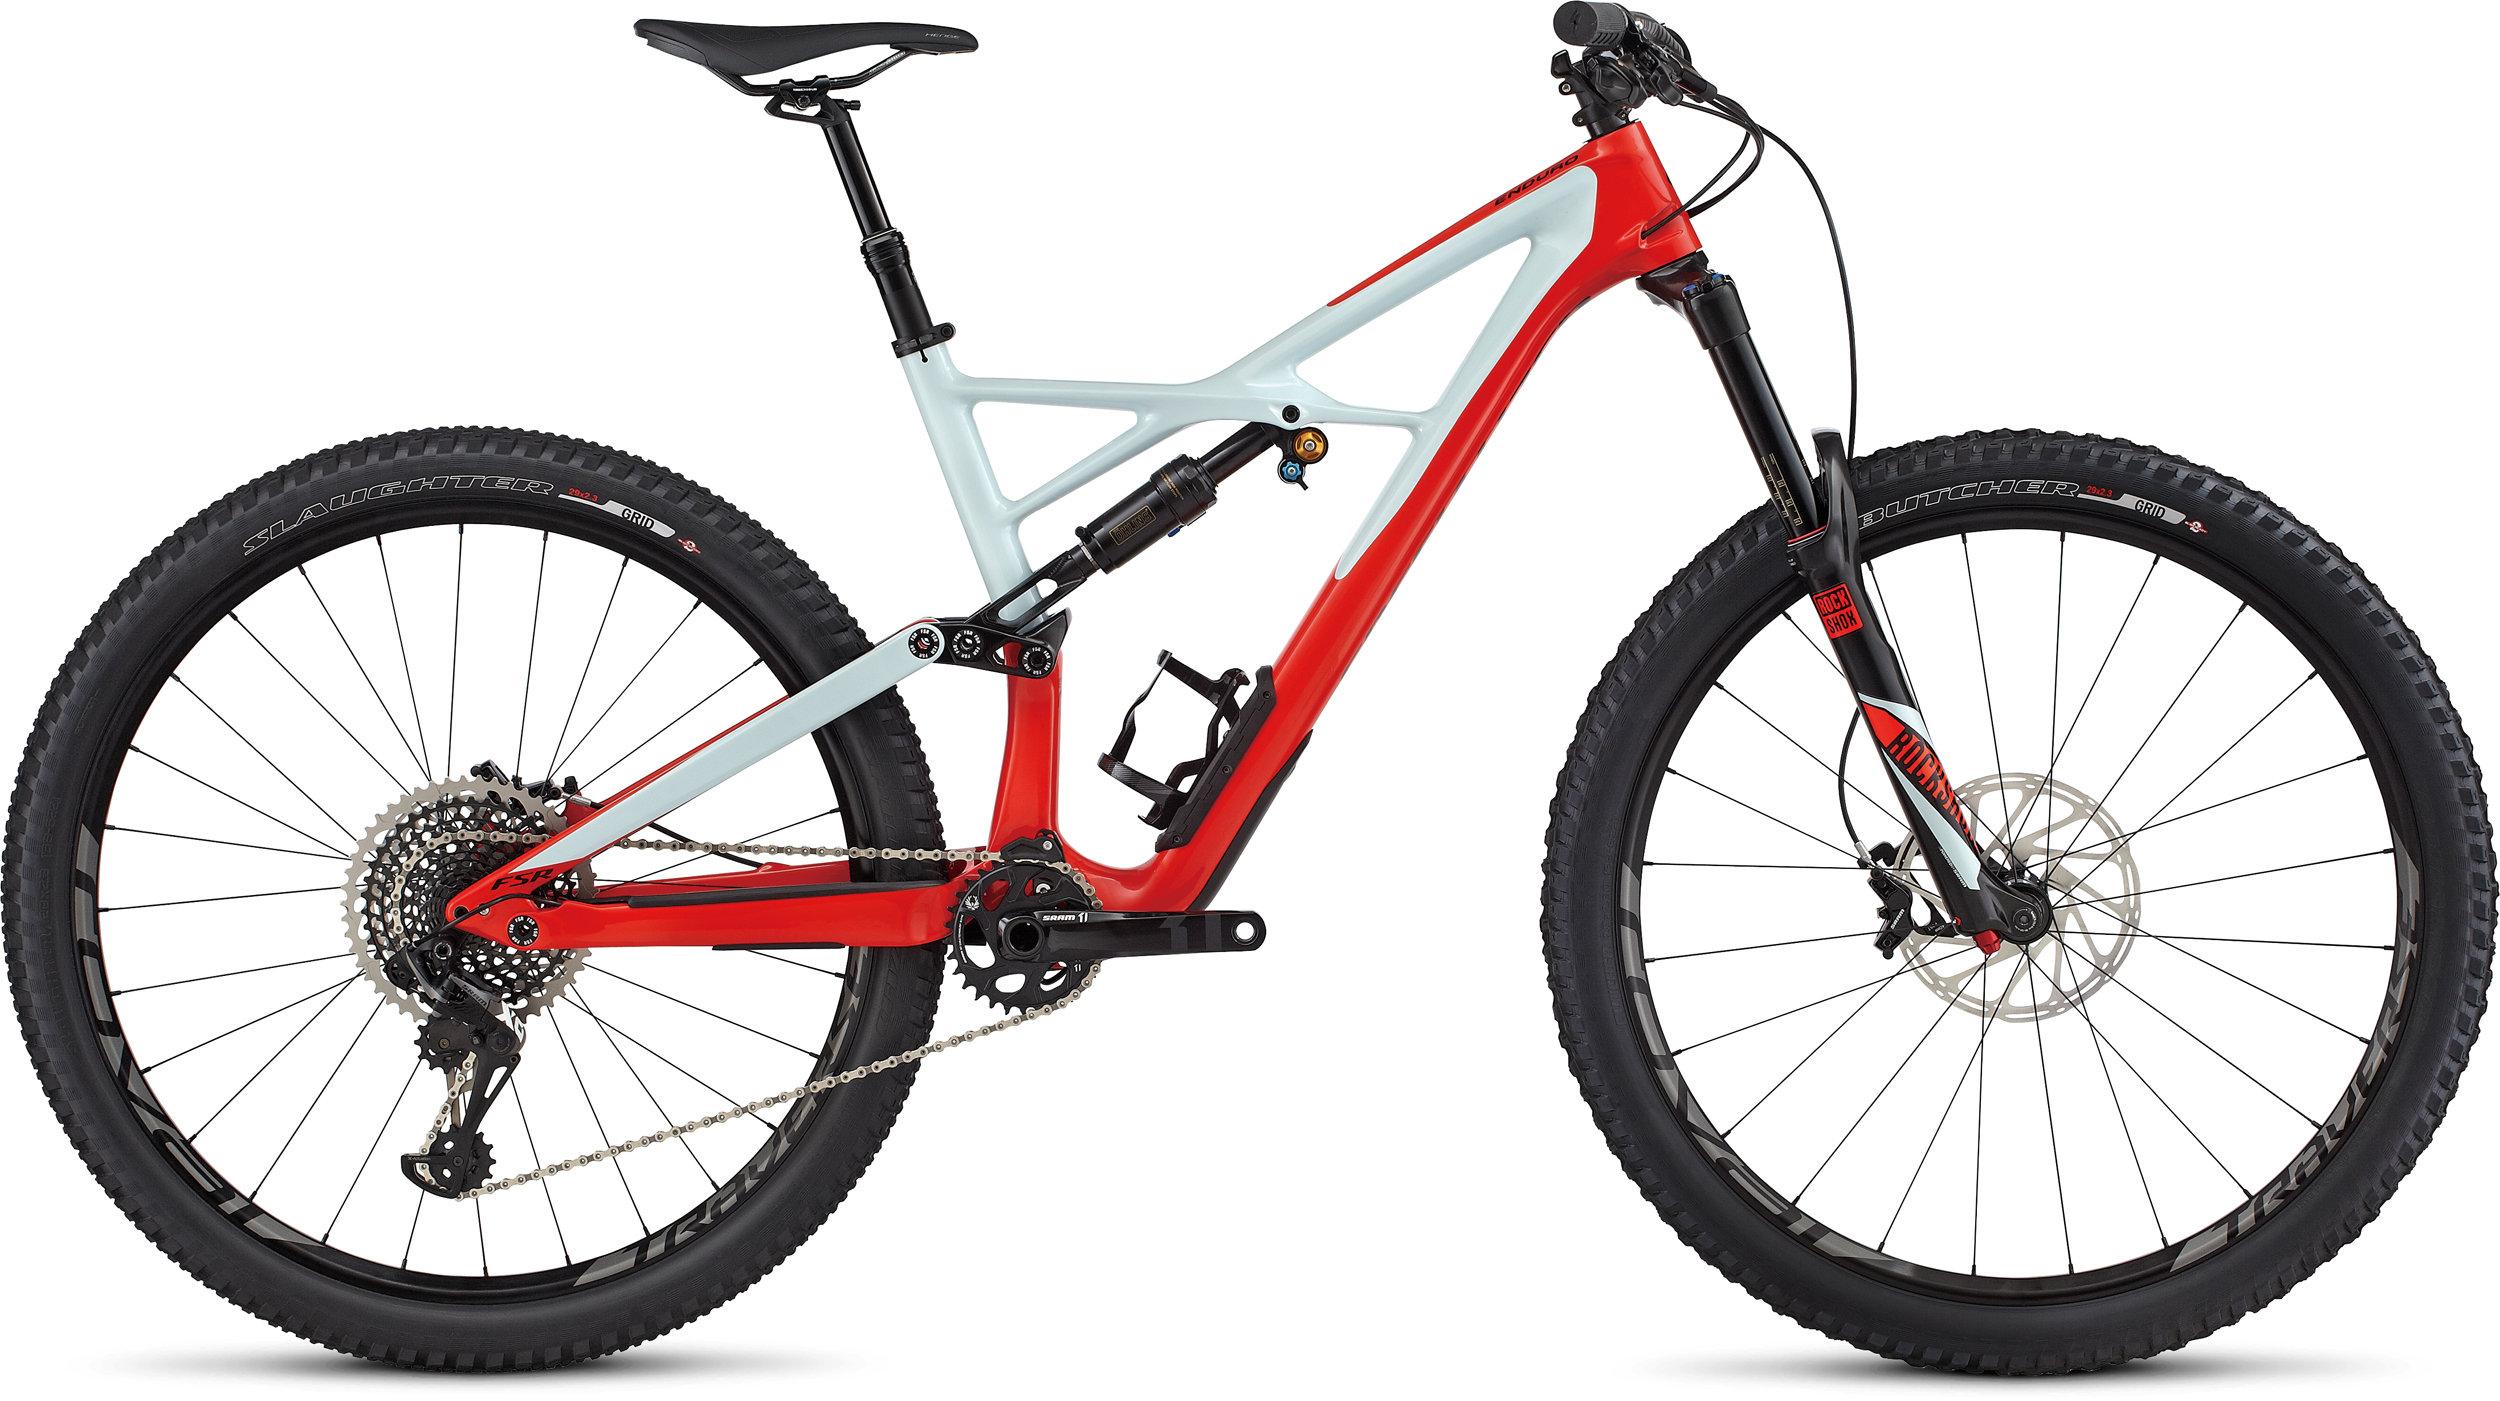 SPECIALIZED ENDURO FSR PRO CARBON 29/6FATTIE RKTRED/BBYBLU/BLK S - Bike Maniac